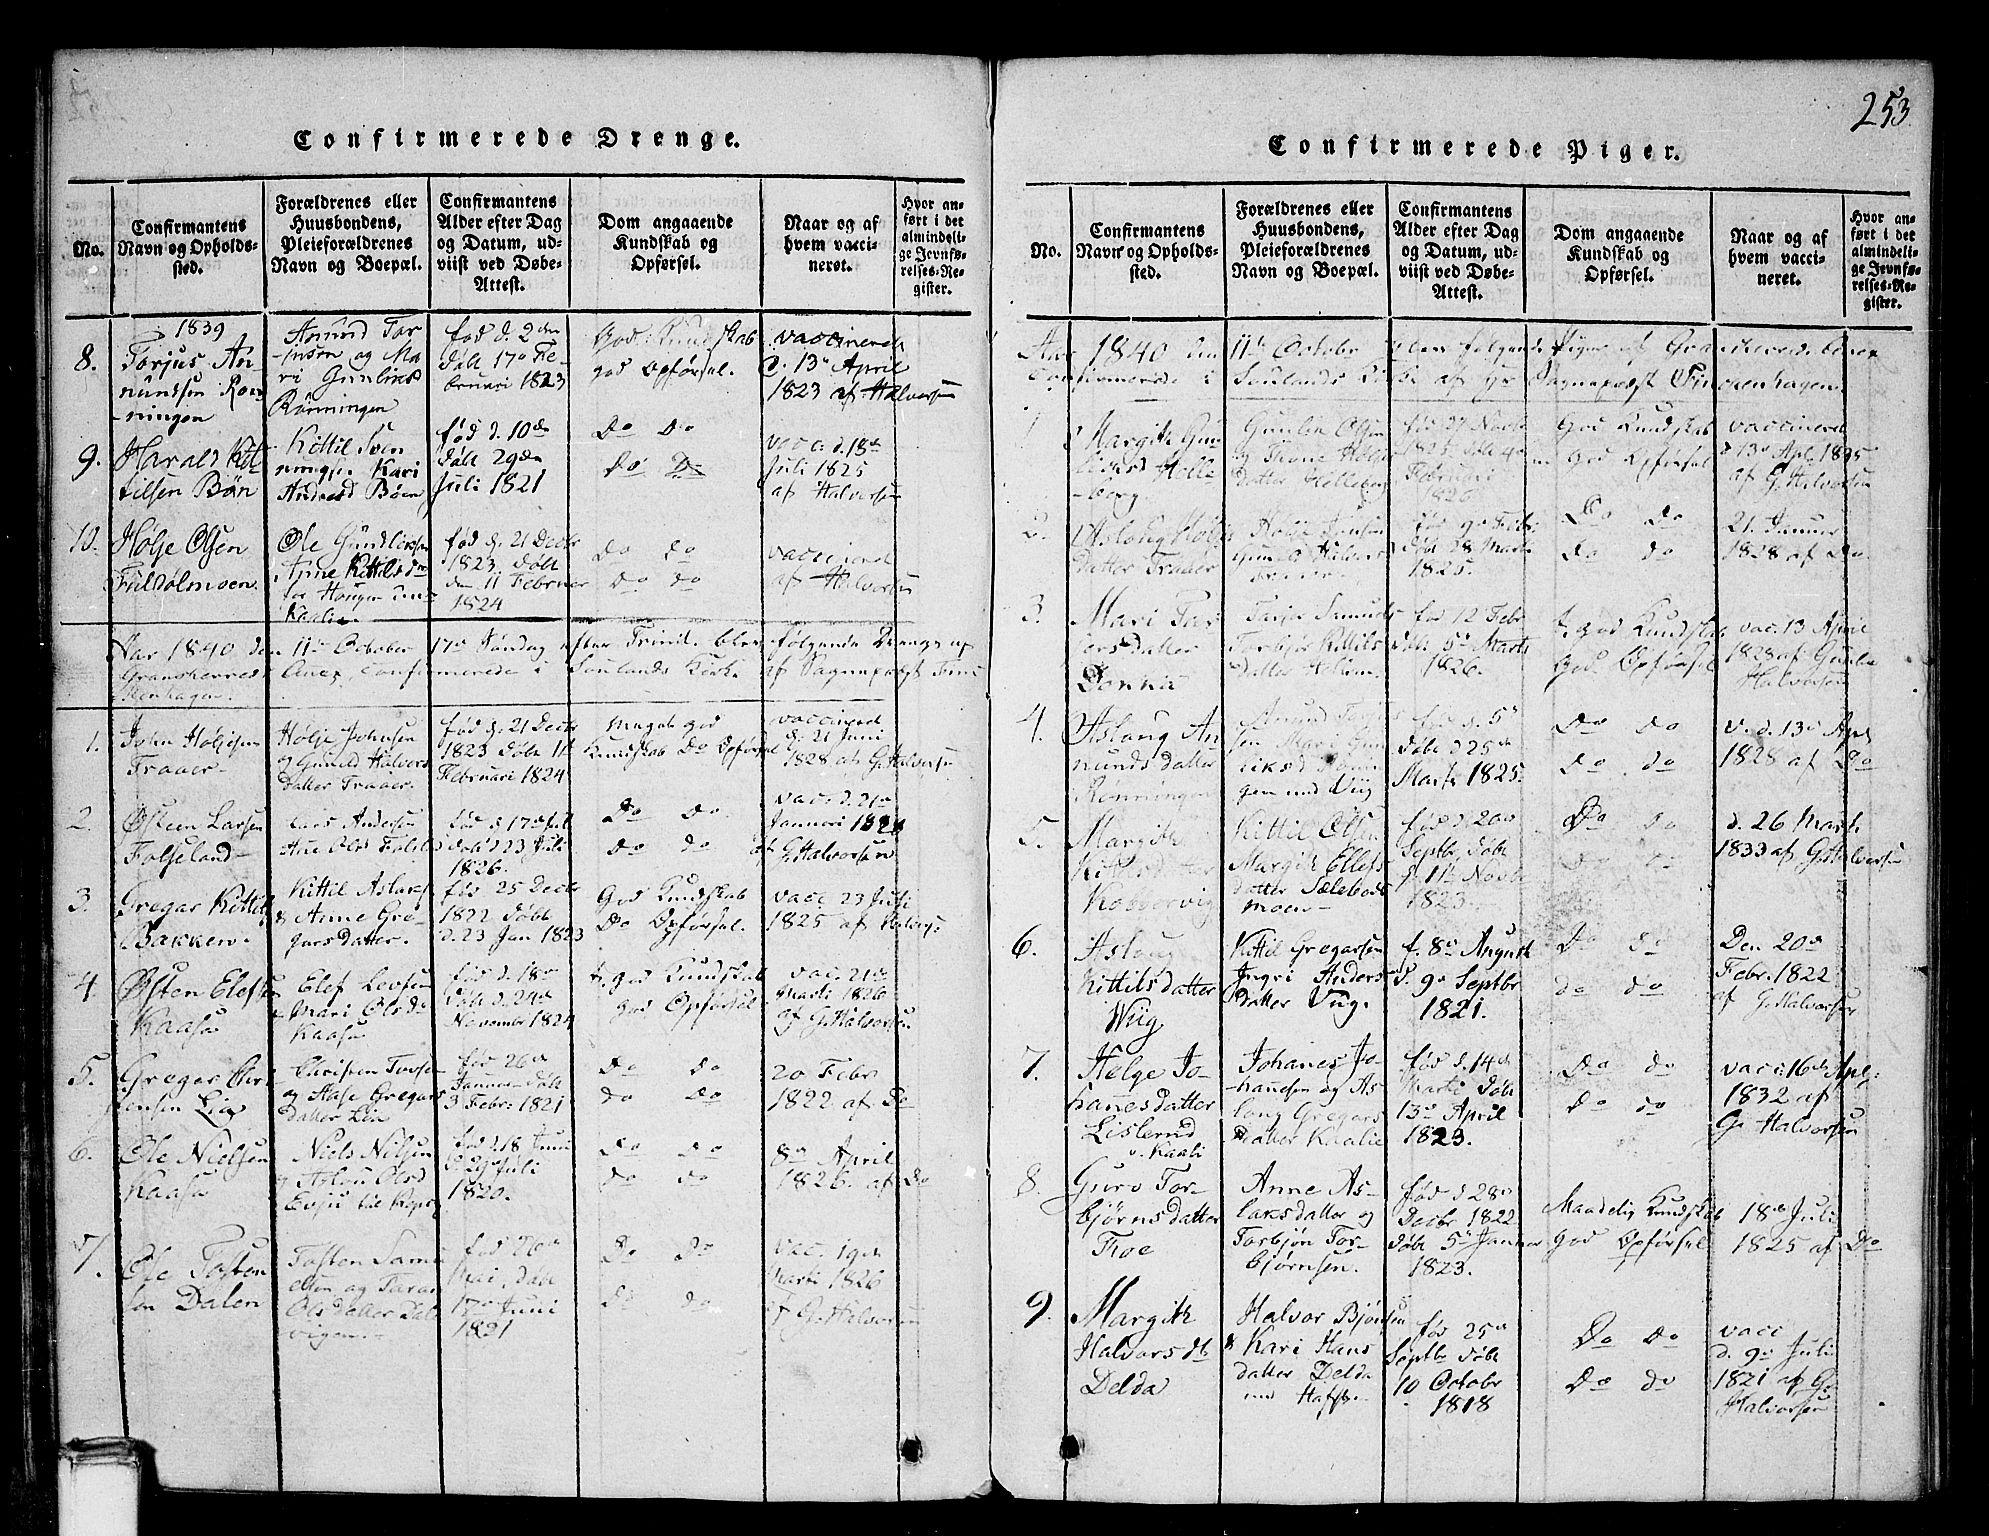 SAKO, Gransherad kirkebøker, G/Ga/L0001: Klokkerbok nr. I 1, 1815-1842, s. 253